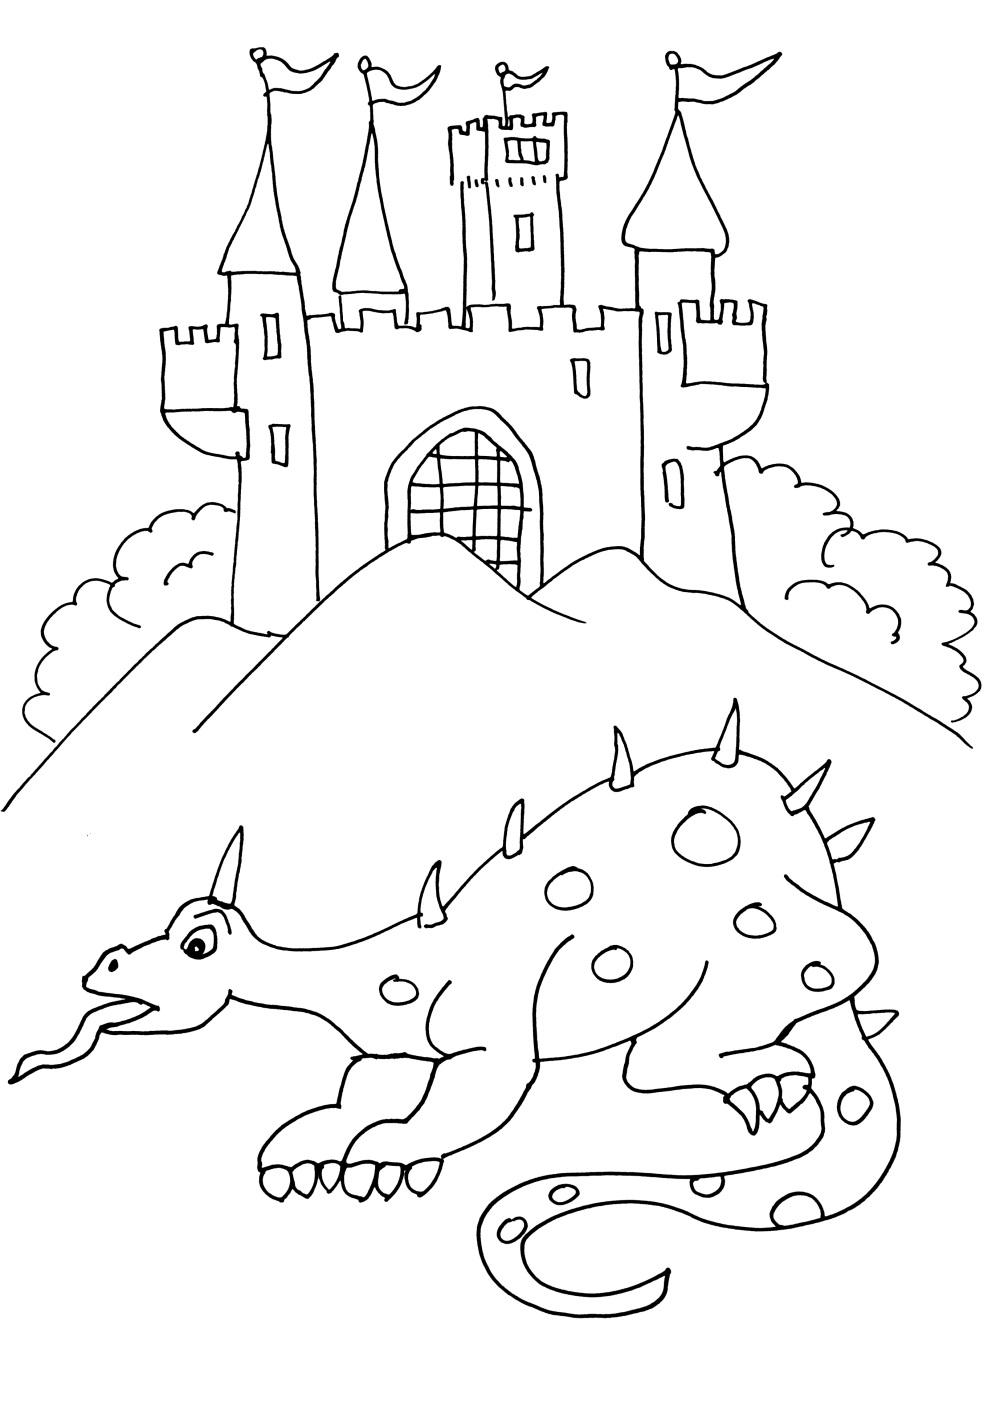 Un dragon devant un chateau